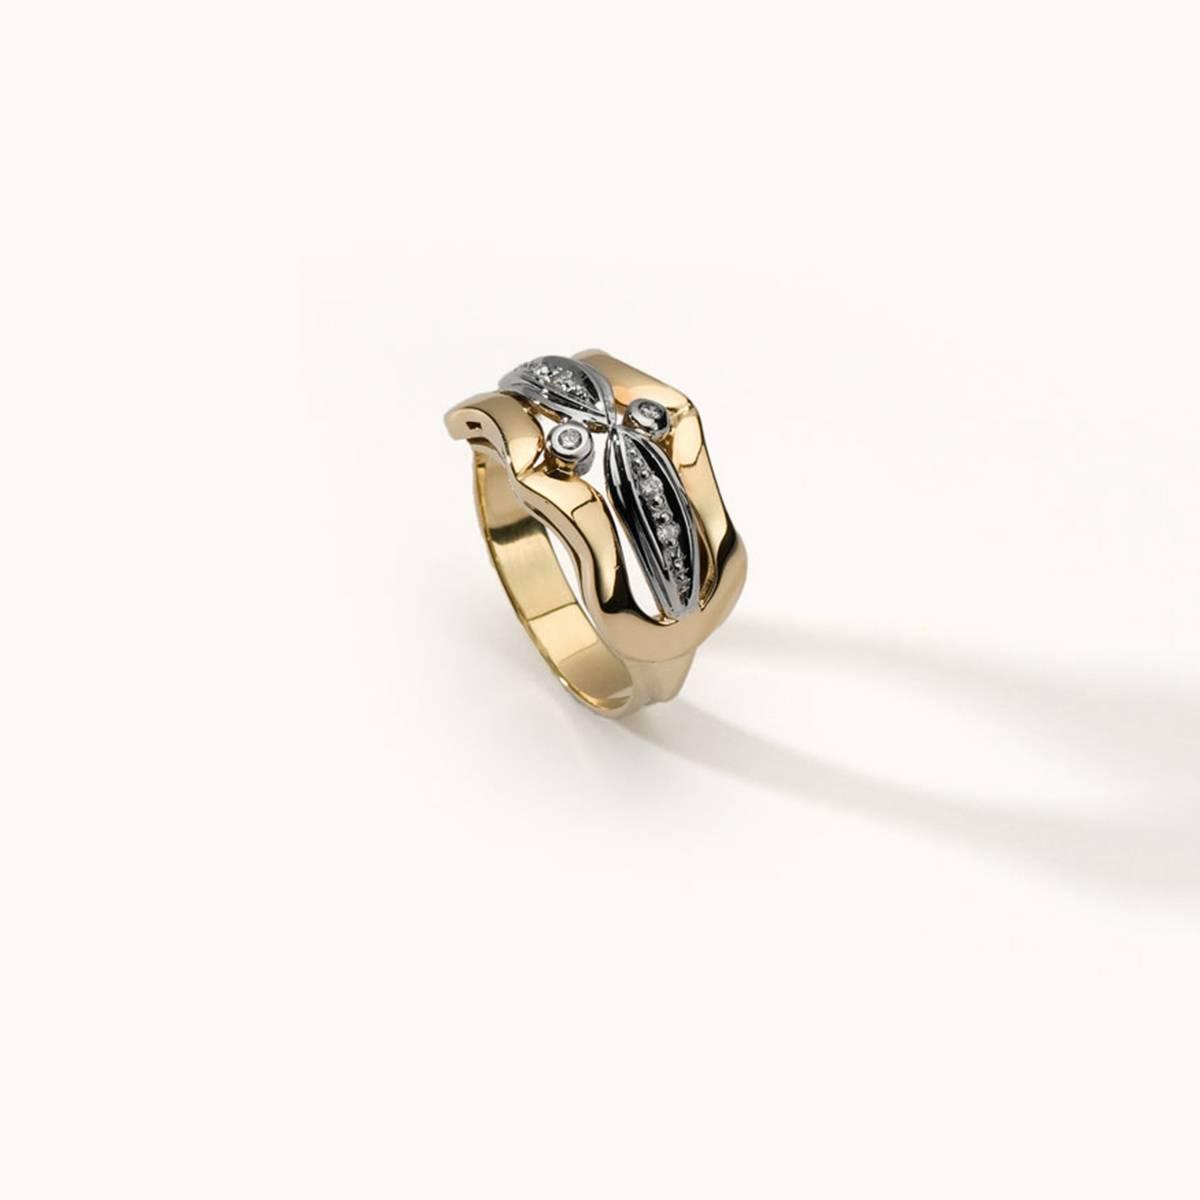 14 karátos sárga-fehér arany gyűrű gyémántokkal